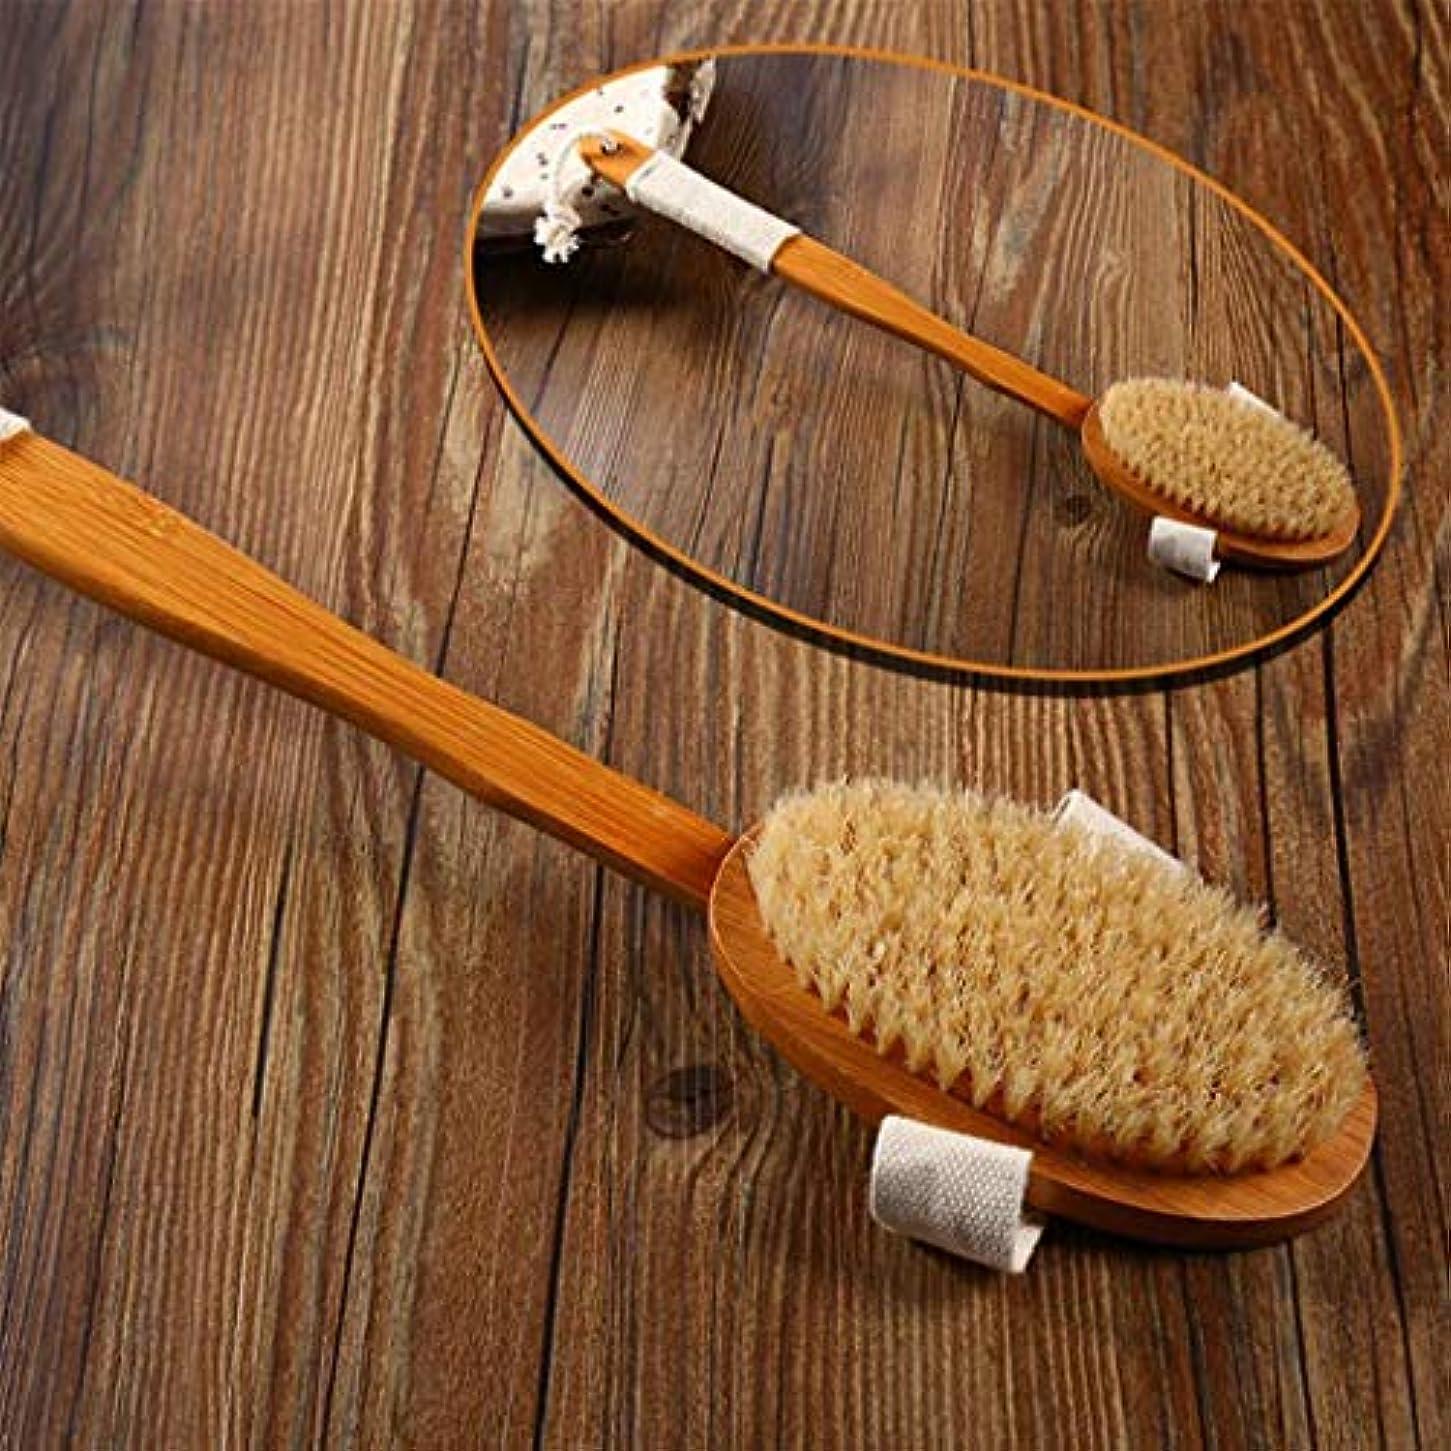 ミスペンド安定した今晩ボディブラシナチュラル剛毛バスブラシロングハンドル木製剛毛ソフトヘアラブバックシャワーブラシ角質マッサージブラシを取り外します